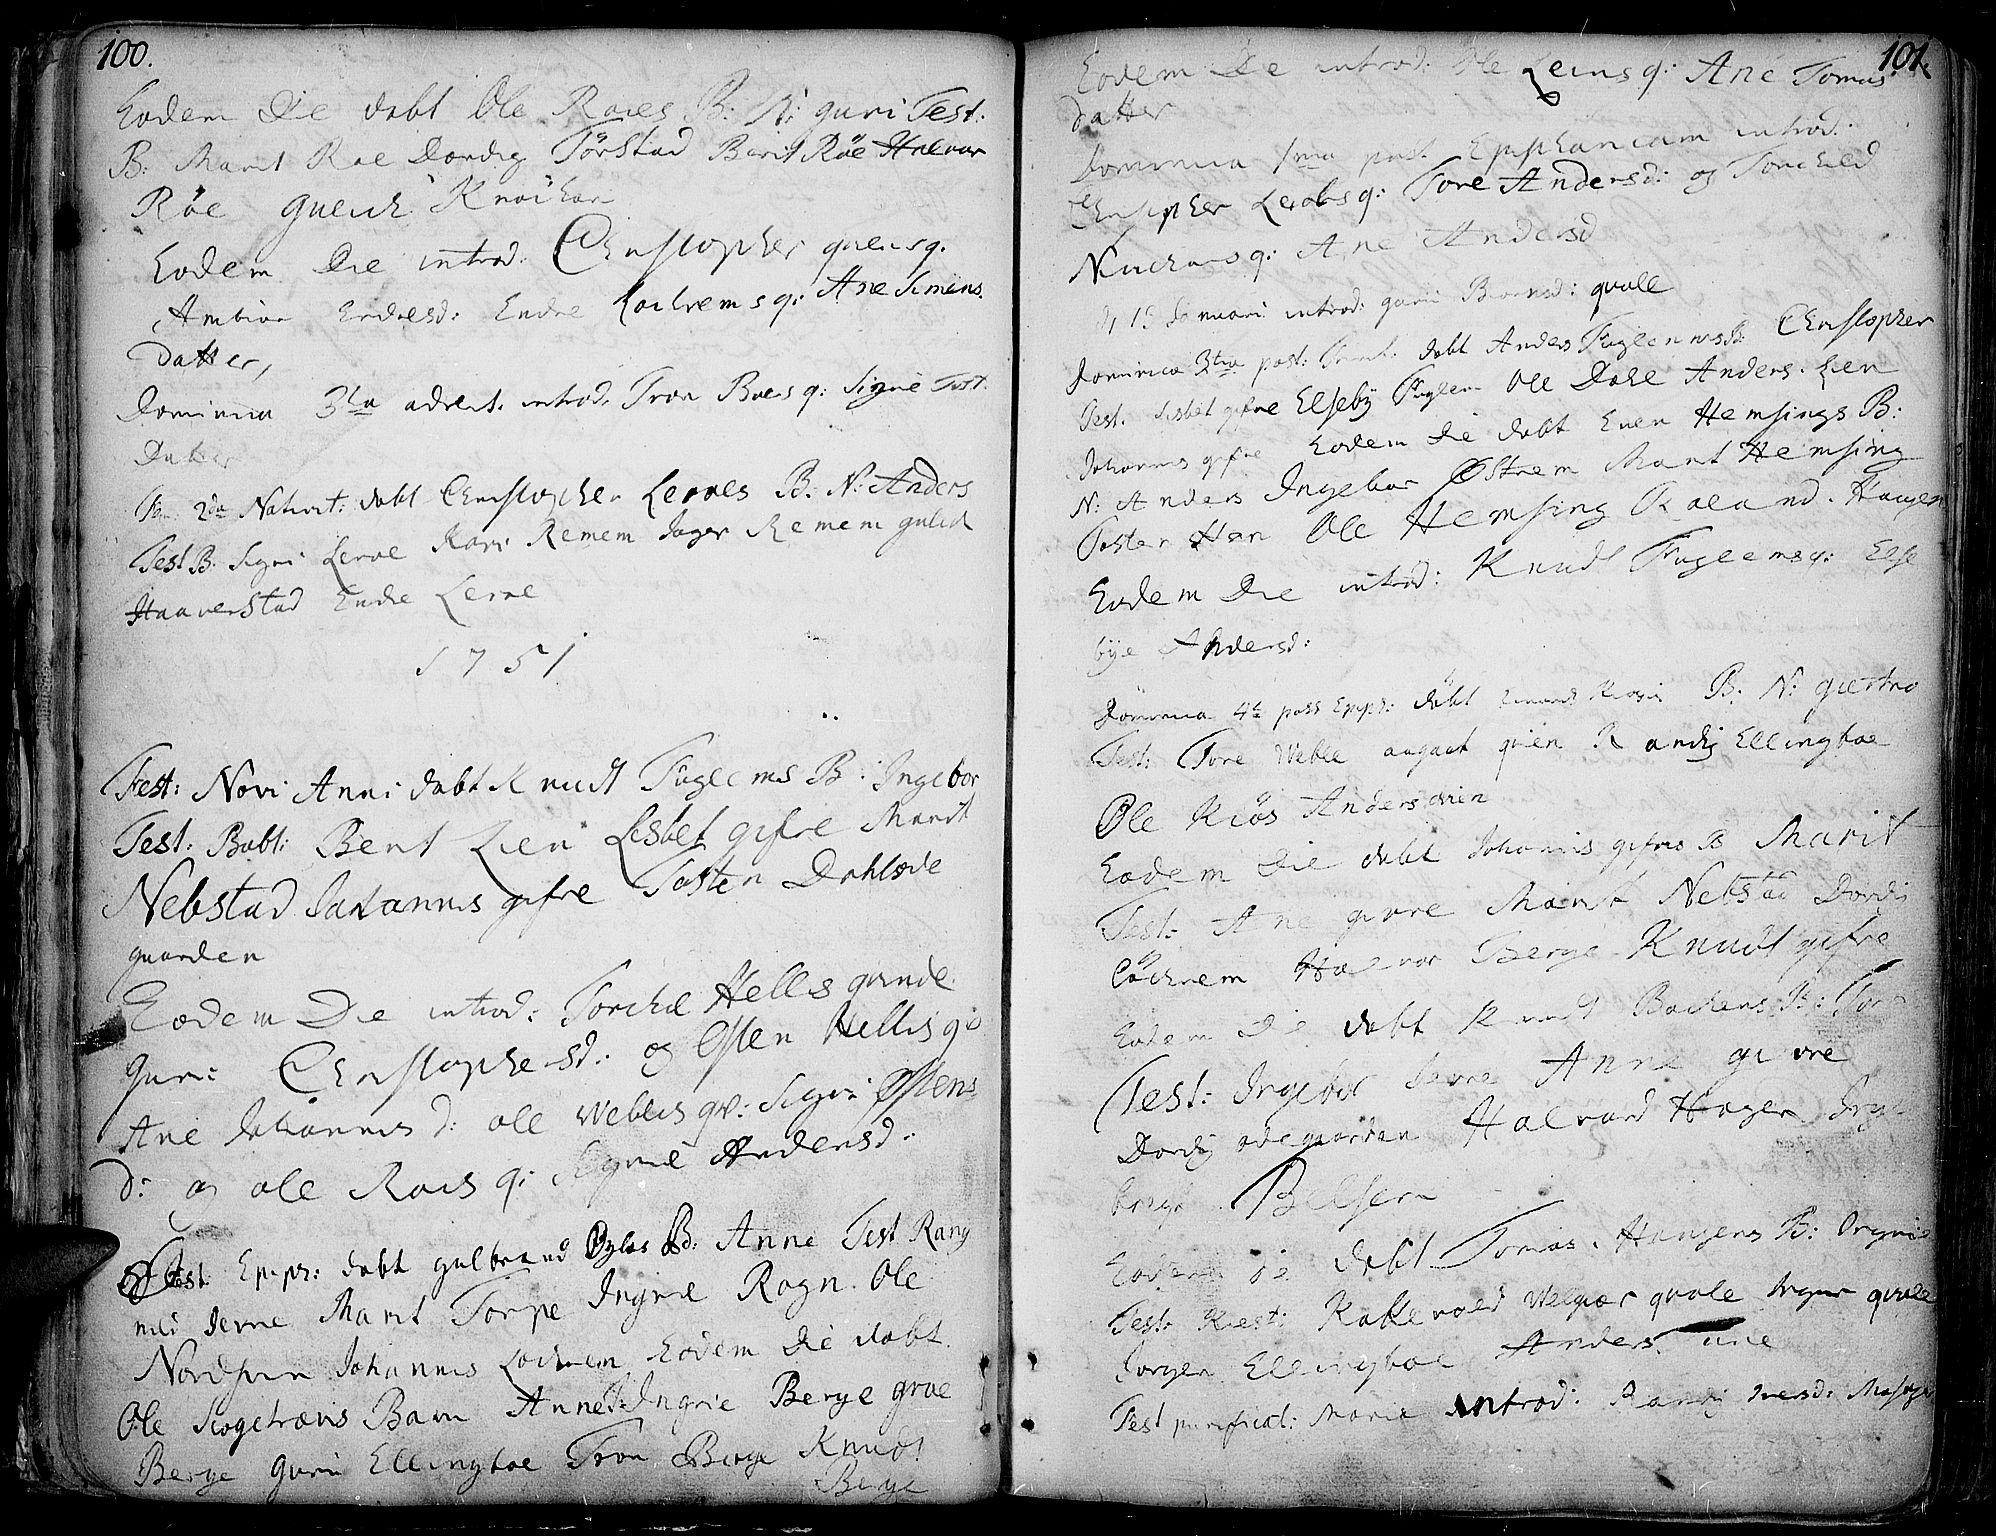 SAH, Vang prestekontor, Valdres, Ministerialbok nr. 1, 1730-1796, s. 100-101